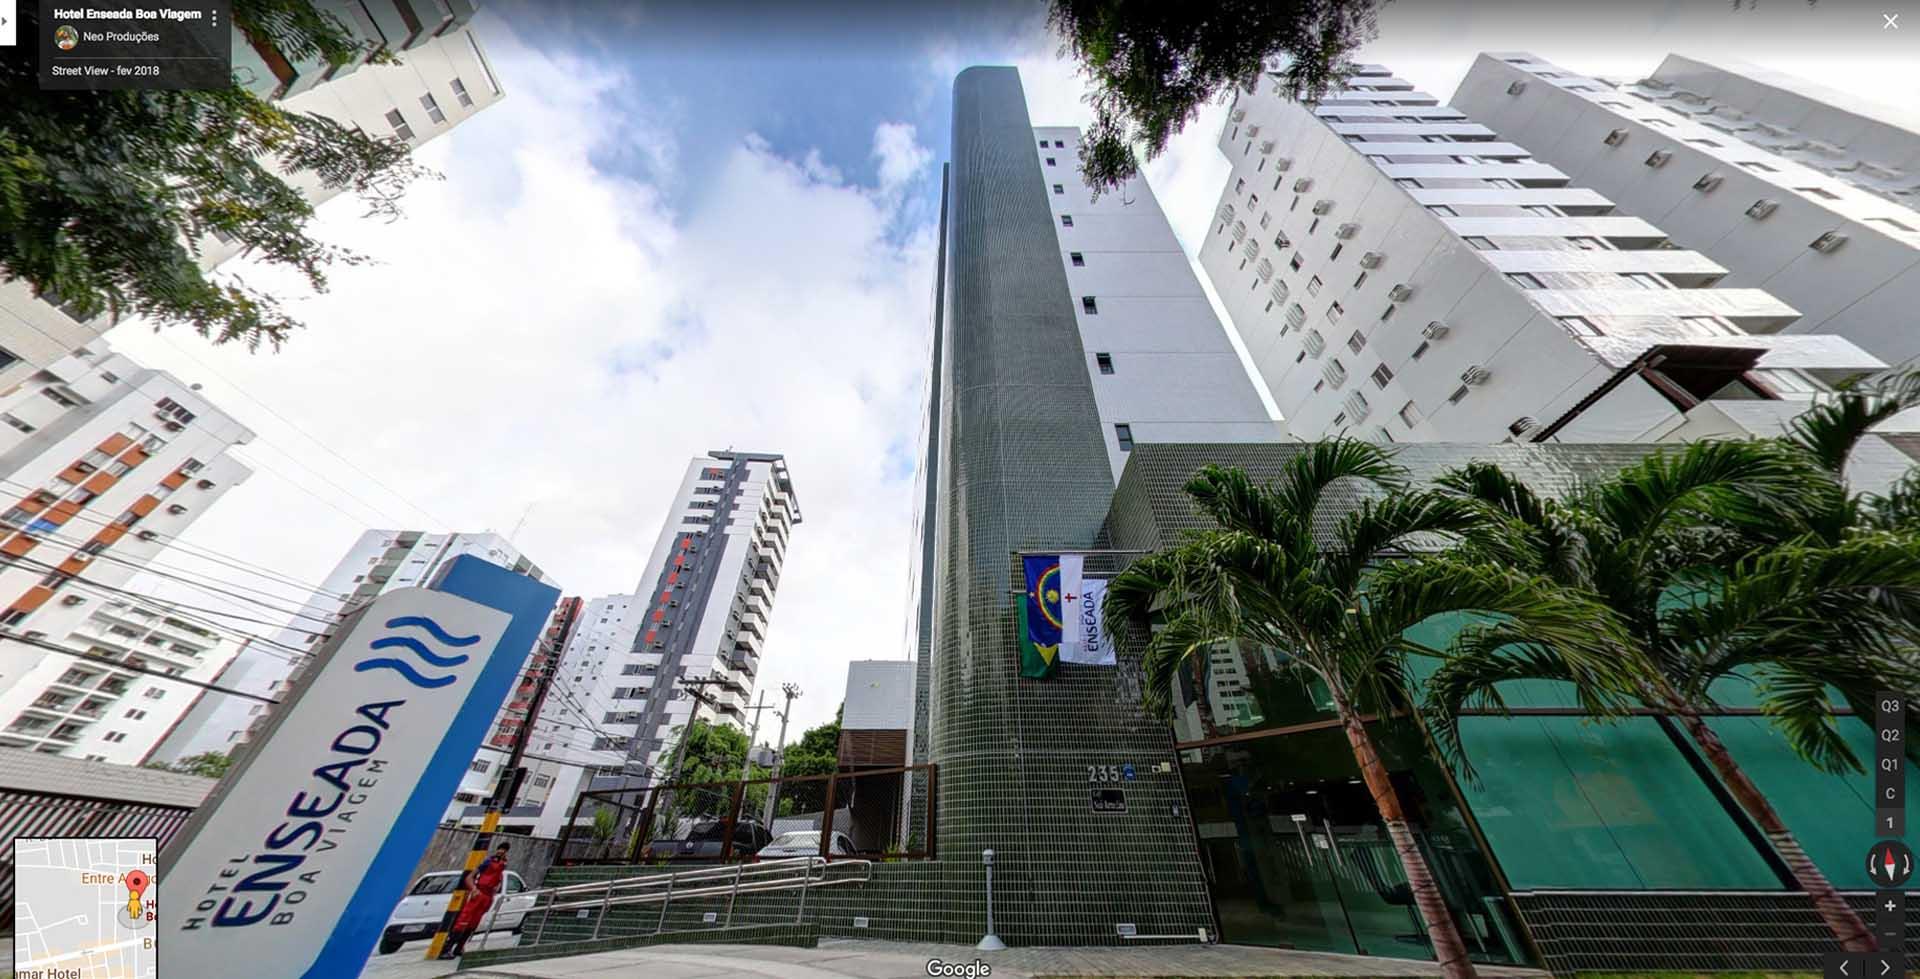 Hotel Enseada B. Viagem